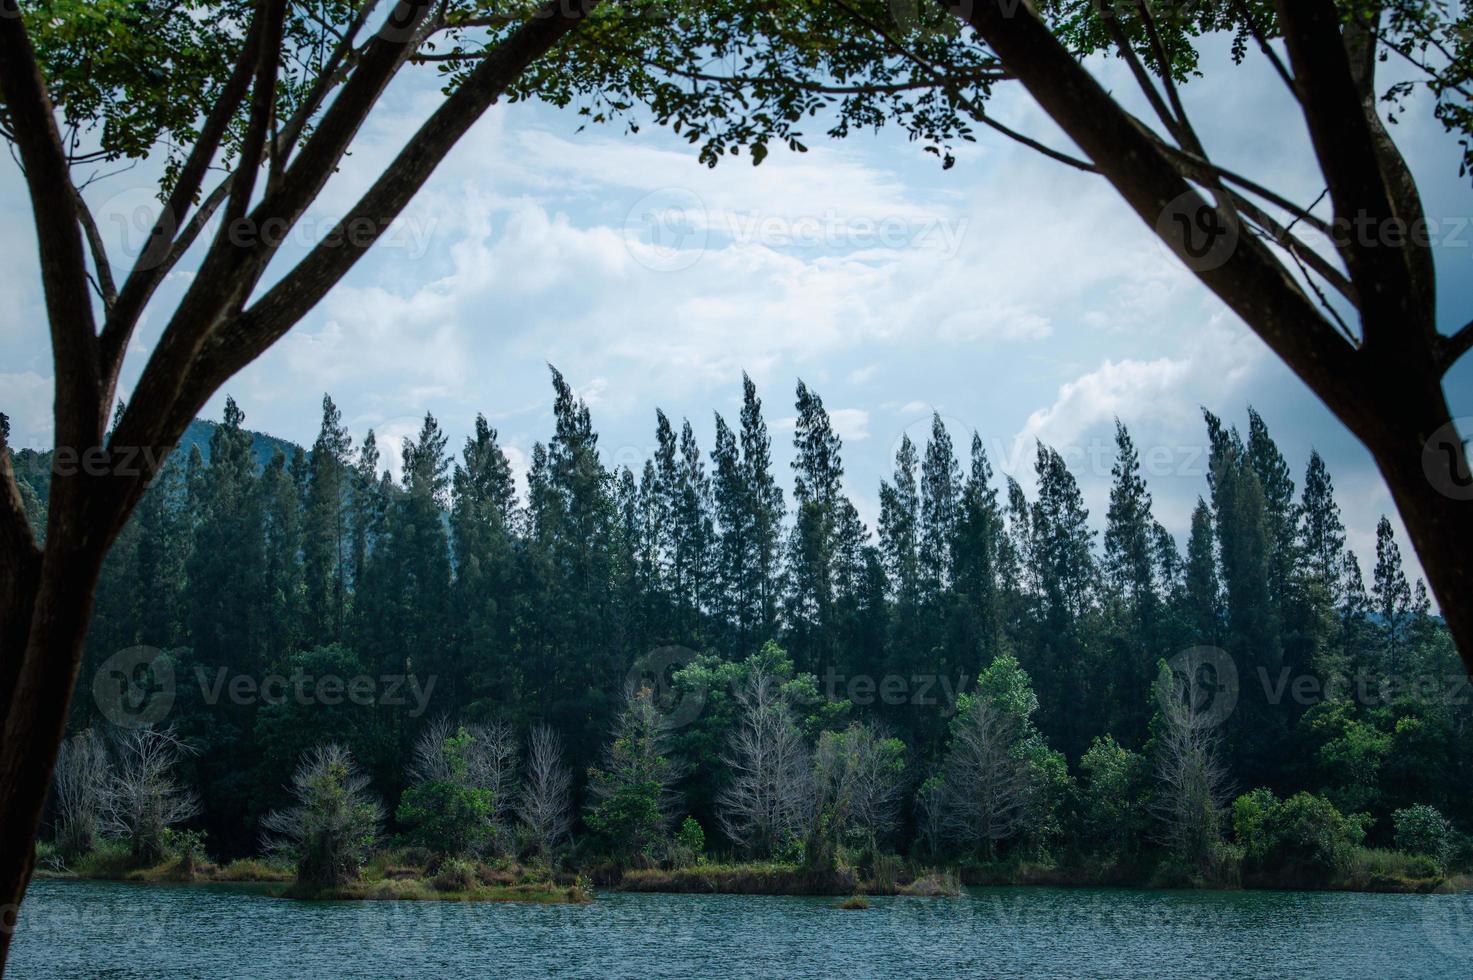 lago e floresta de pinheiros no parque público de Liwong em Songkhla, Tailândia foto